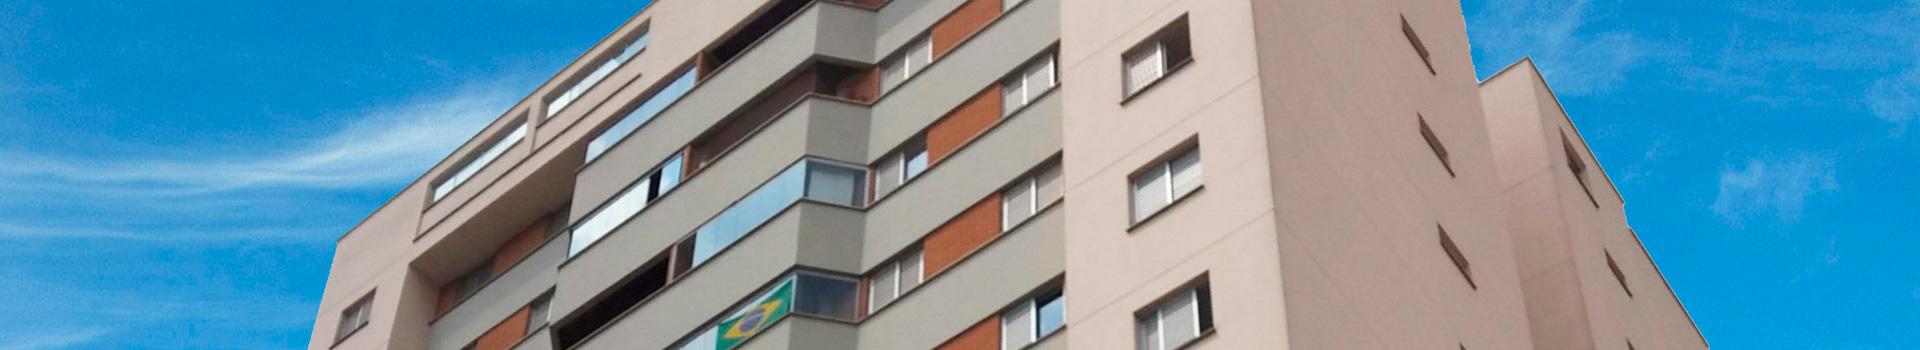 Guararapes Área Construída: 6.896m² - Jd. Chapadão - Campinas / SP